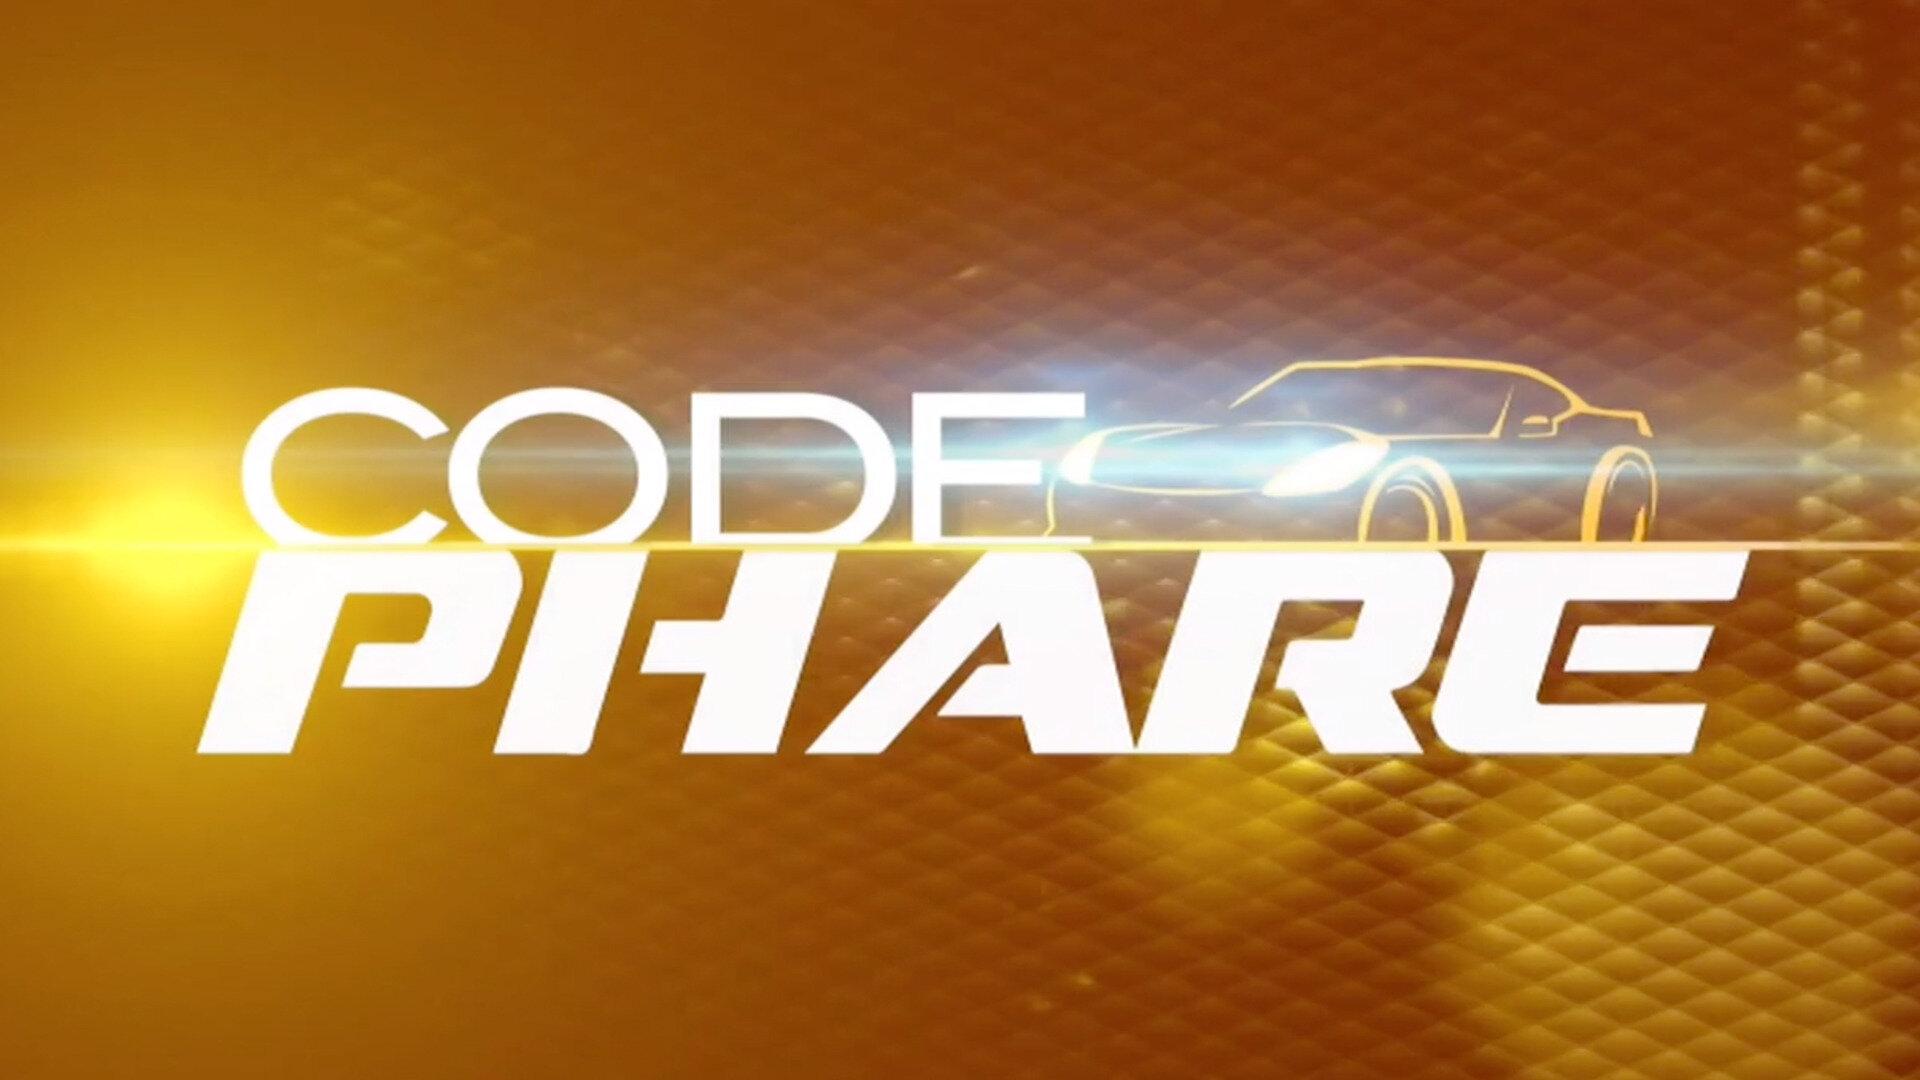 Code phare